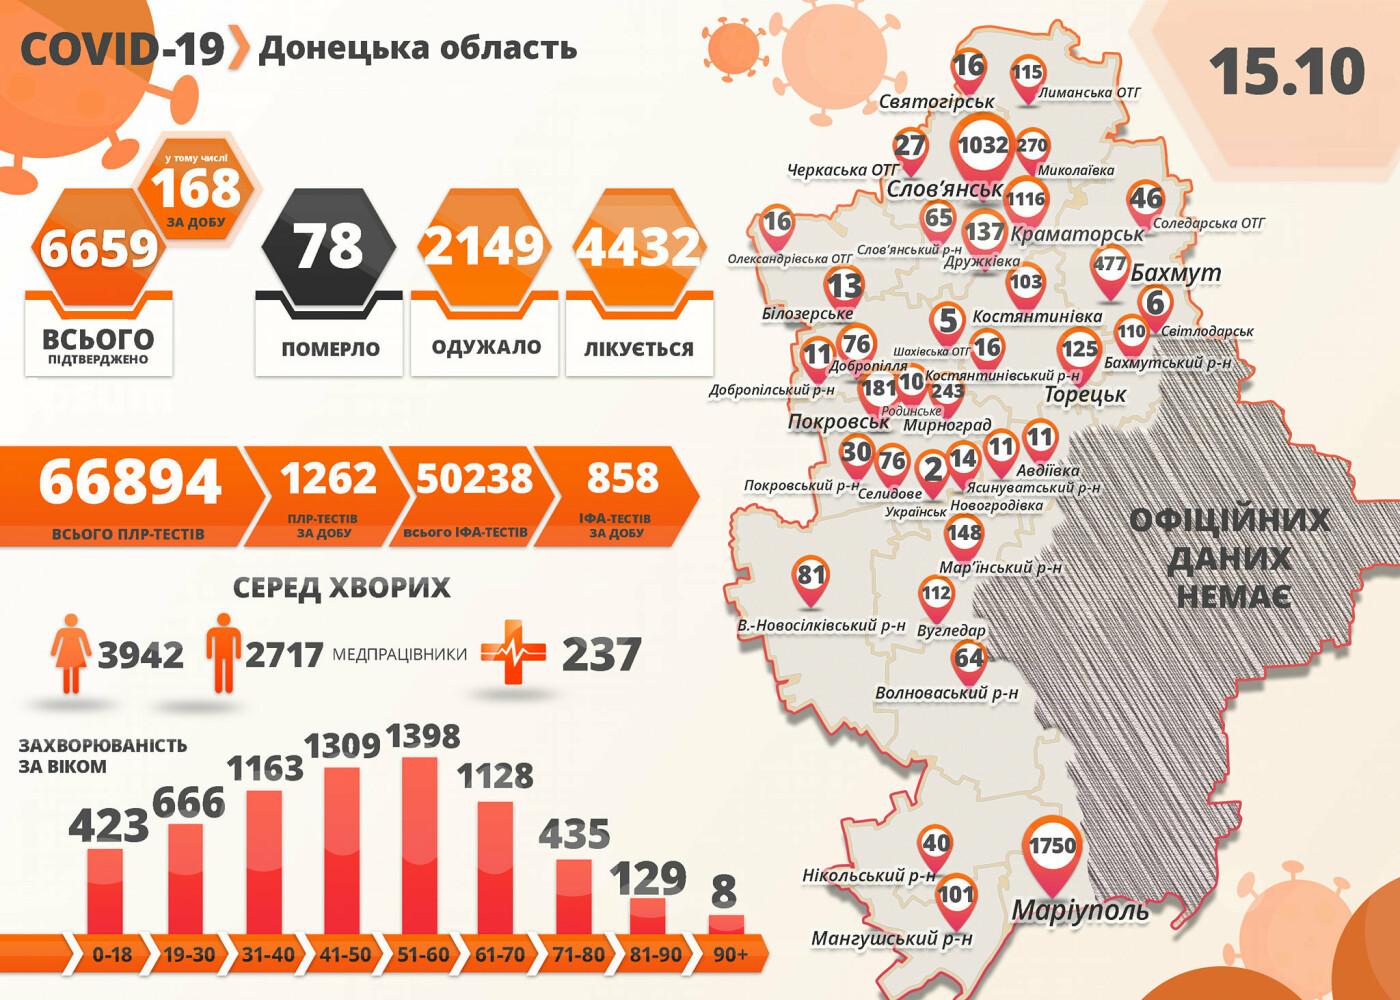 1216015348211488753008688052328874385276352o 5f8945378032d - В Донецкой области 168 новых случаев коронавируса